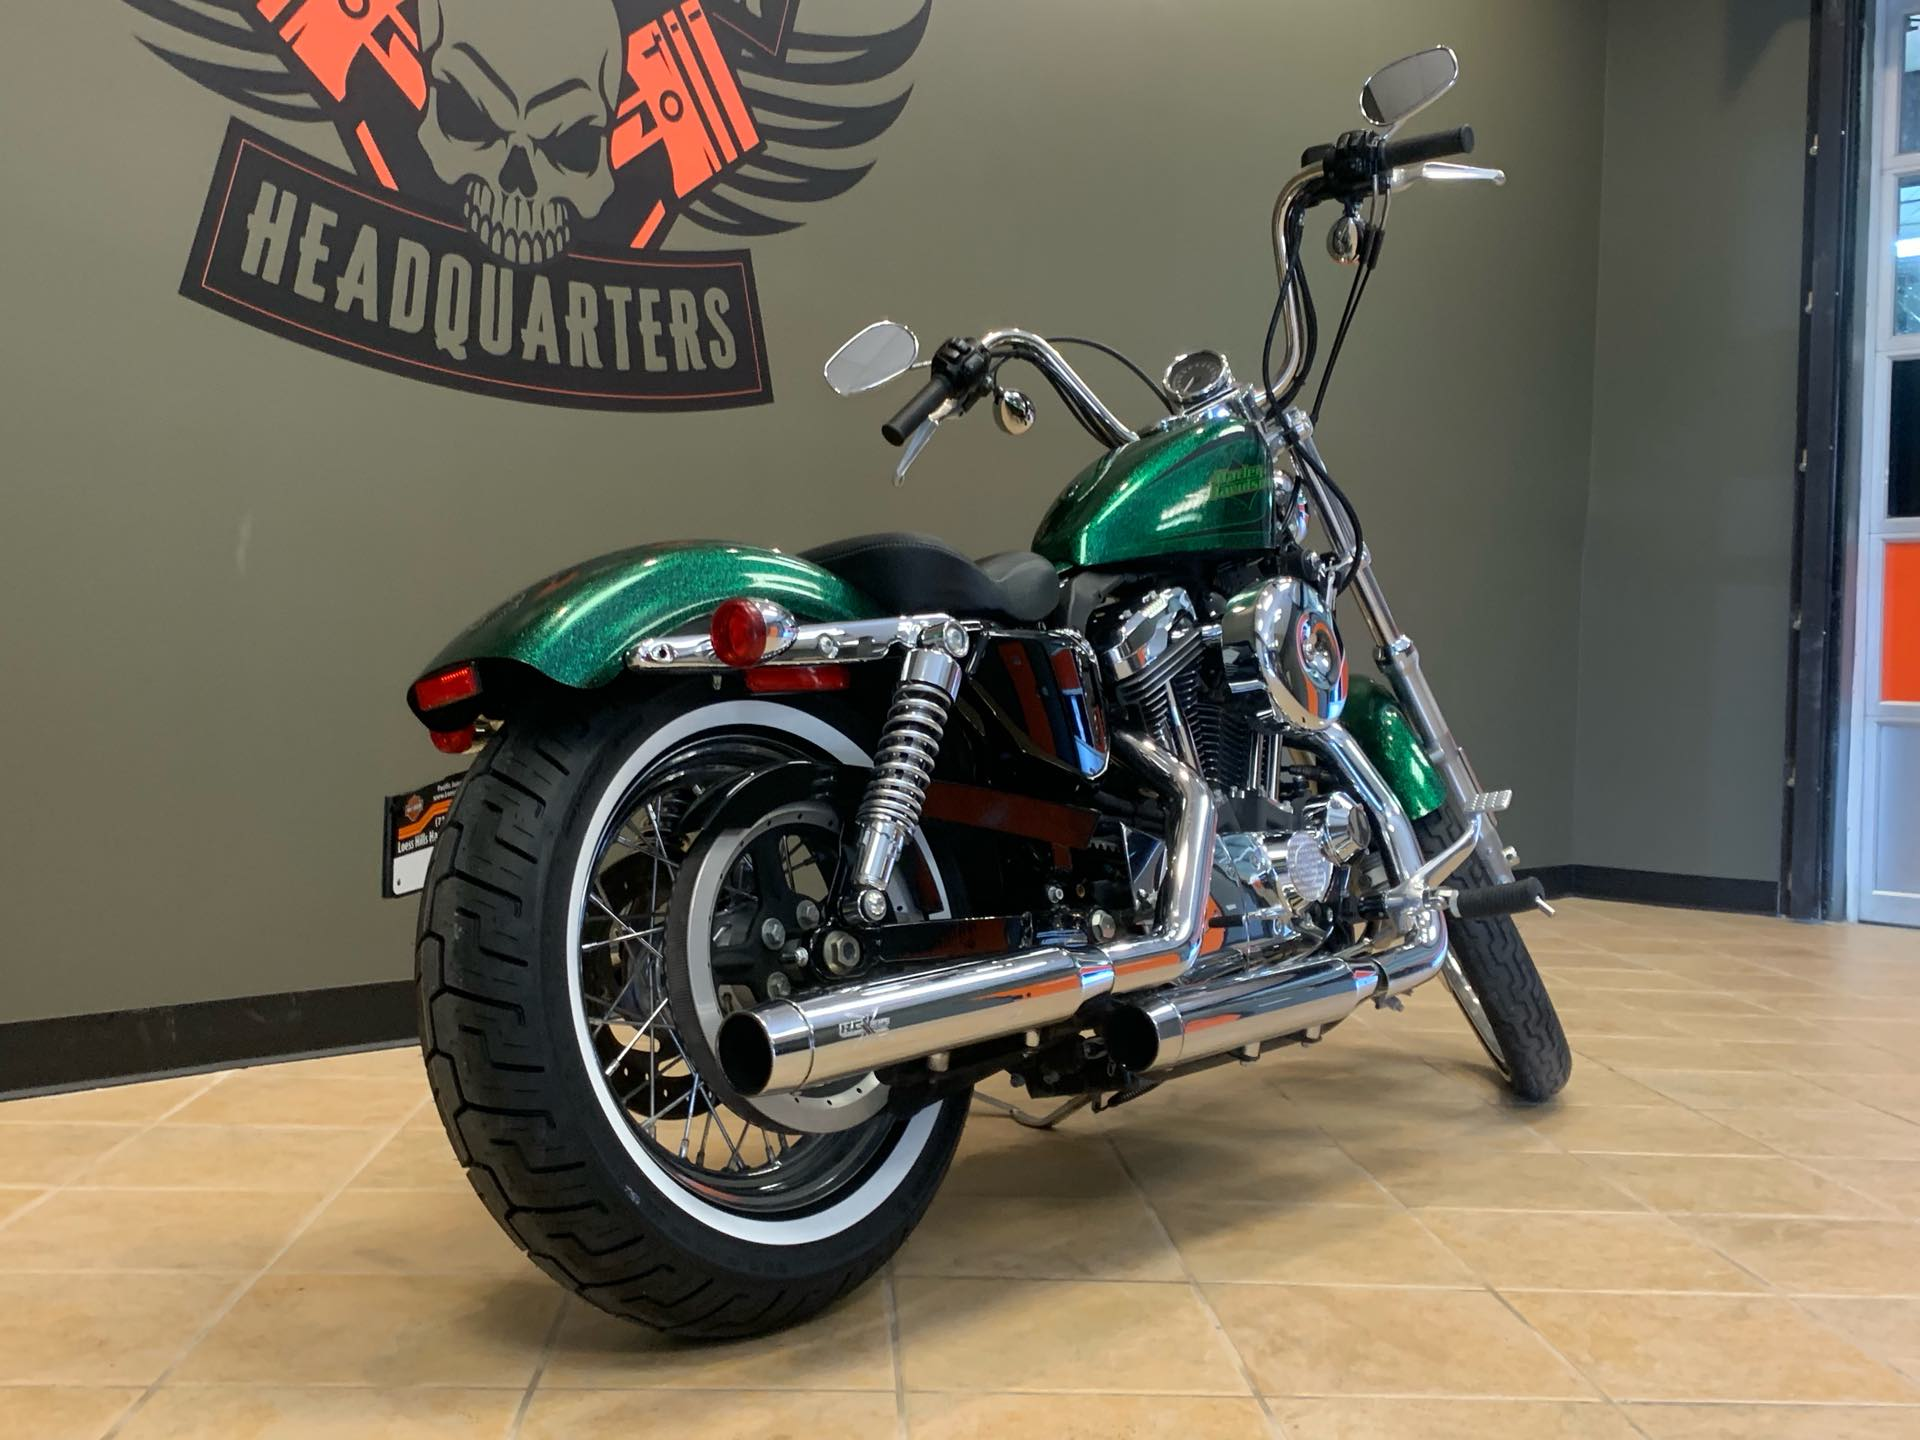 2013 Harley-Davidson Sportster Seventy-Two at Loess Hills Harley-Davidson